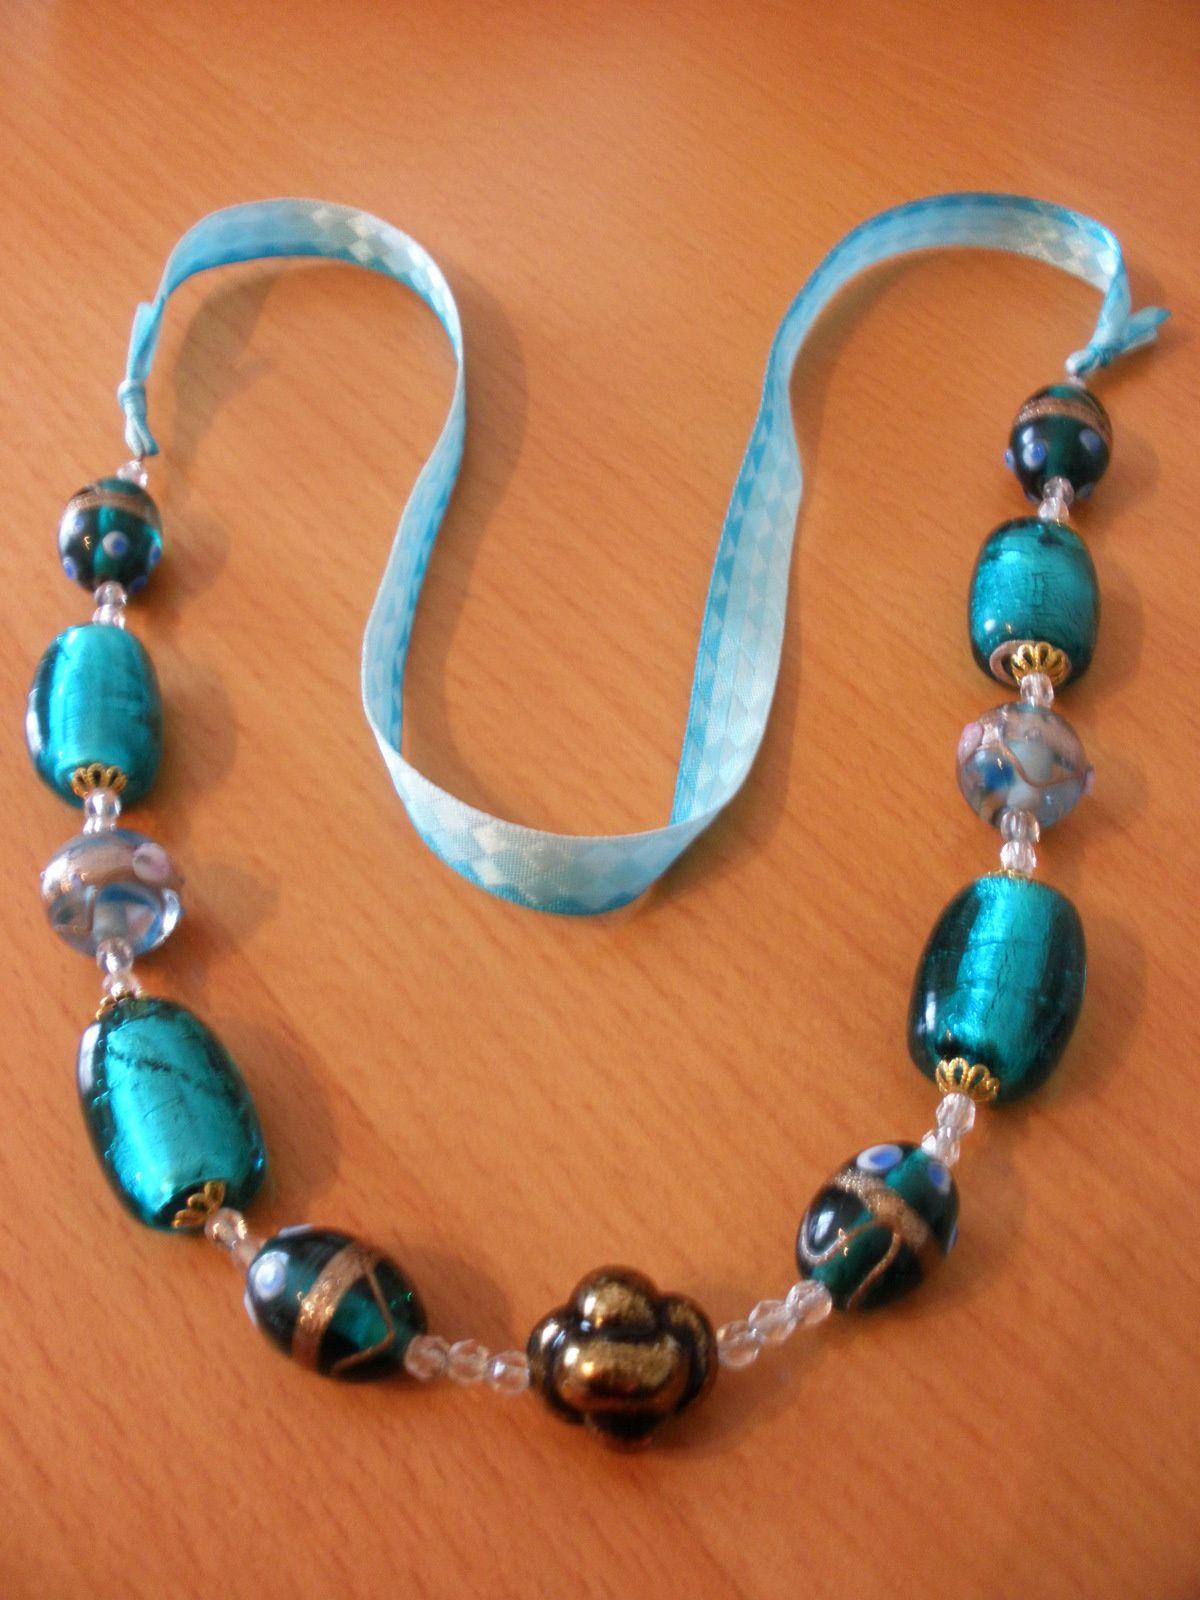 Des perles de verre viennent parer ce collier